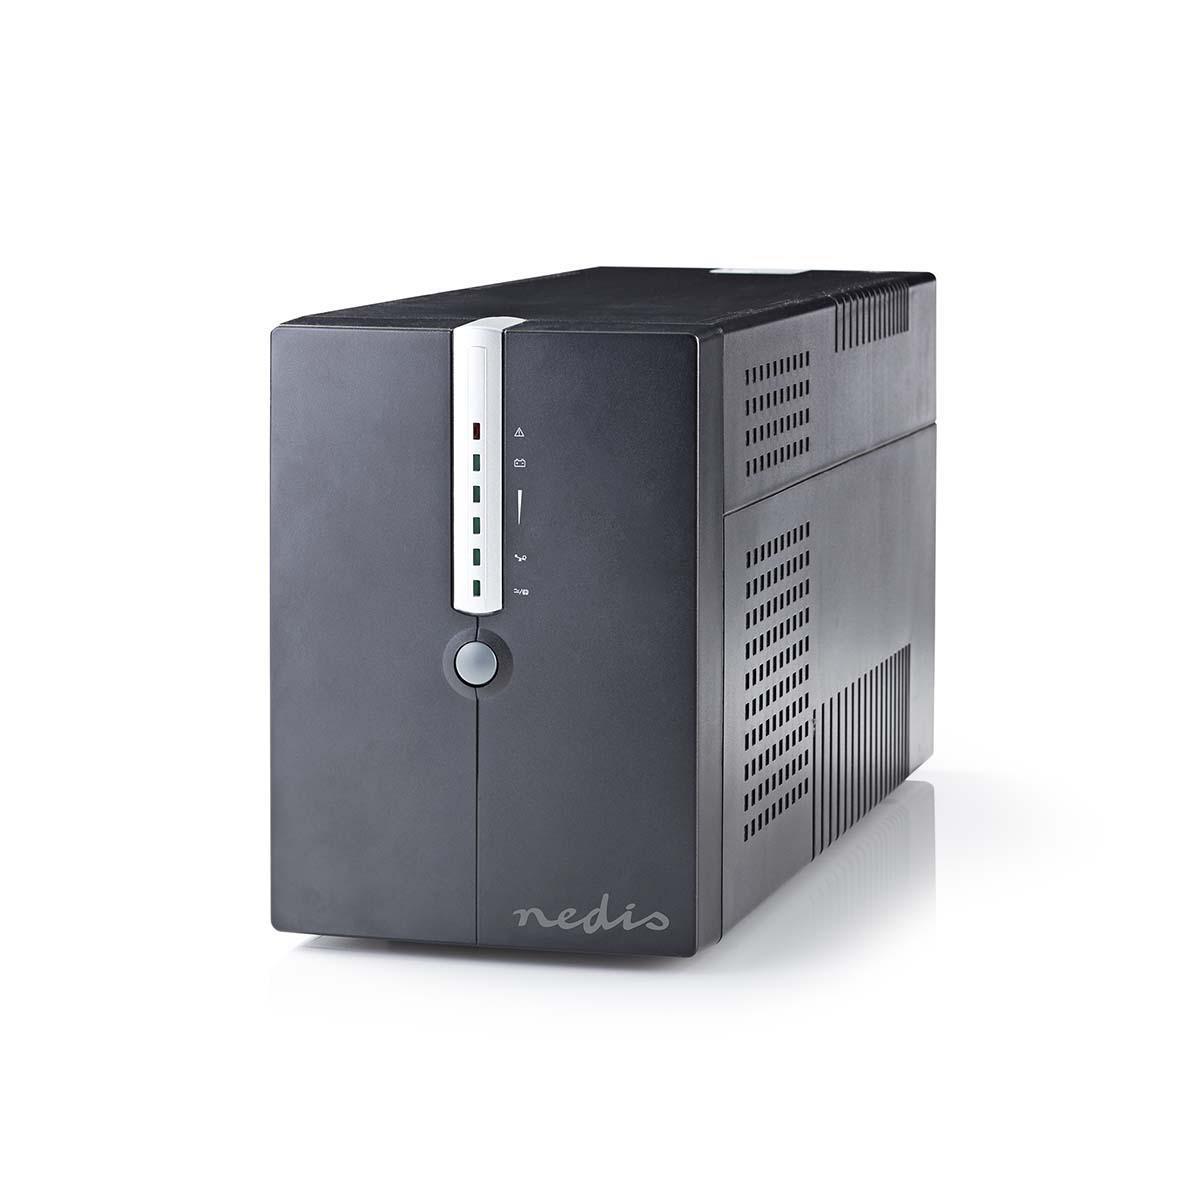 Protégez votre précieux ordinateur et vos fichiers contre les pannes de courant et les surtensions avec ce puissant onduleur de 2000 VA. La batterie intégrée vous donne 10 minutes pour enregistrer des fichiers et éteindre l'ordinateur correctement lors d'